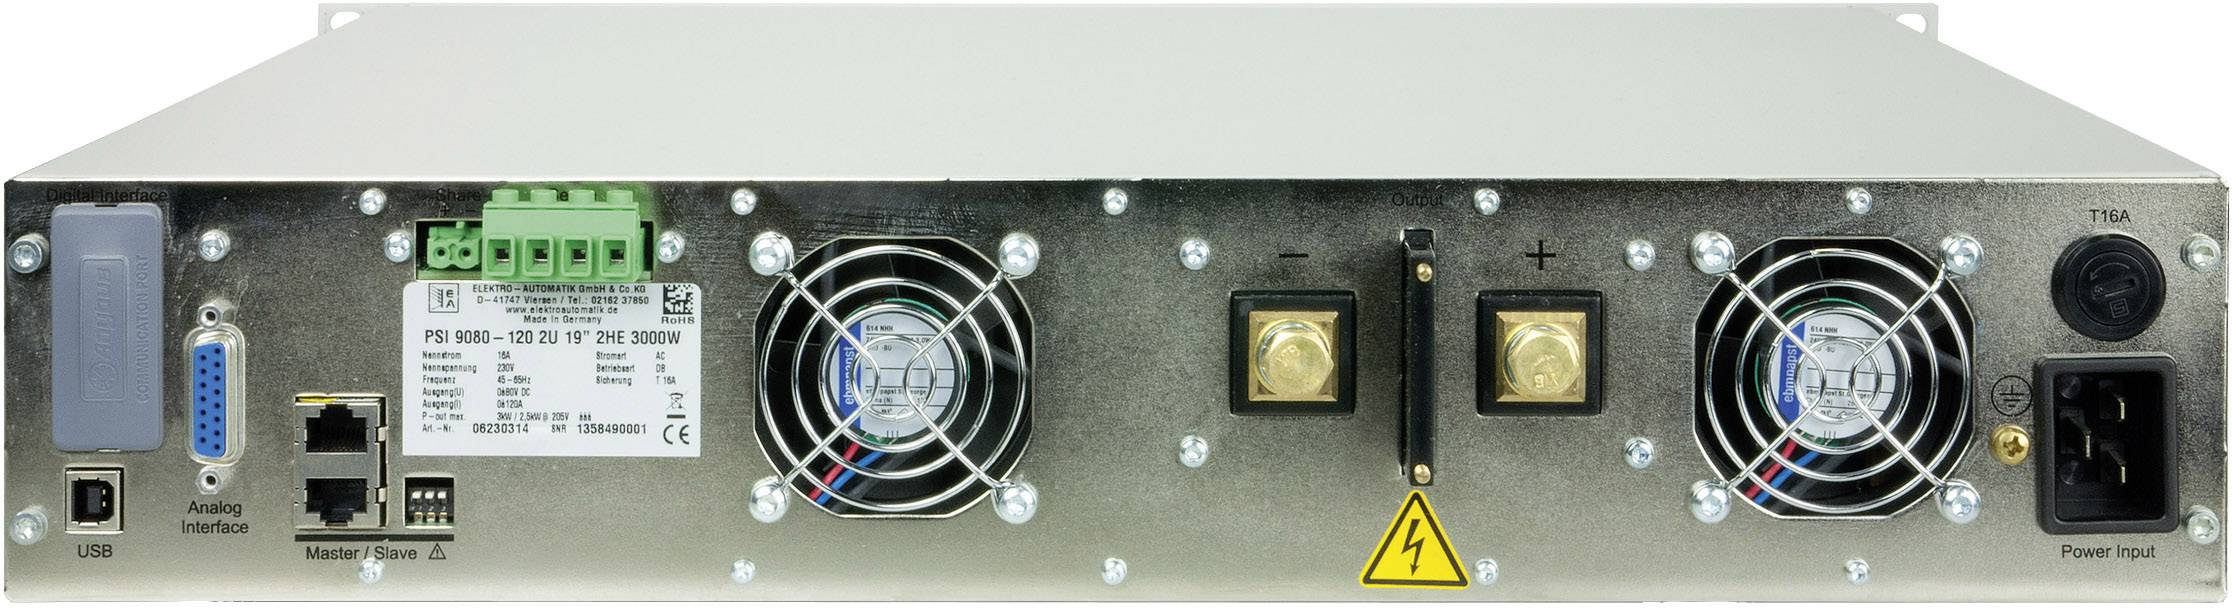 Programovateľný laboratórny zdroj EA EA-PSI 9040-40, 2U, 40 V, 40 A, 1000 W, USB